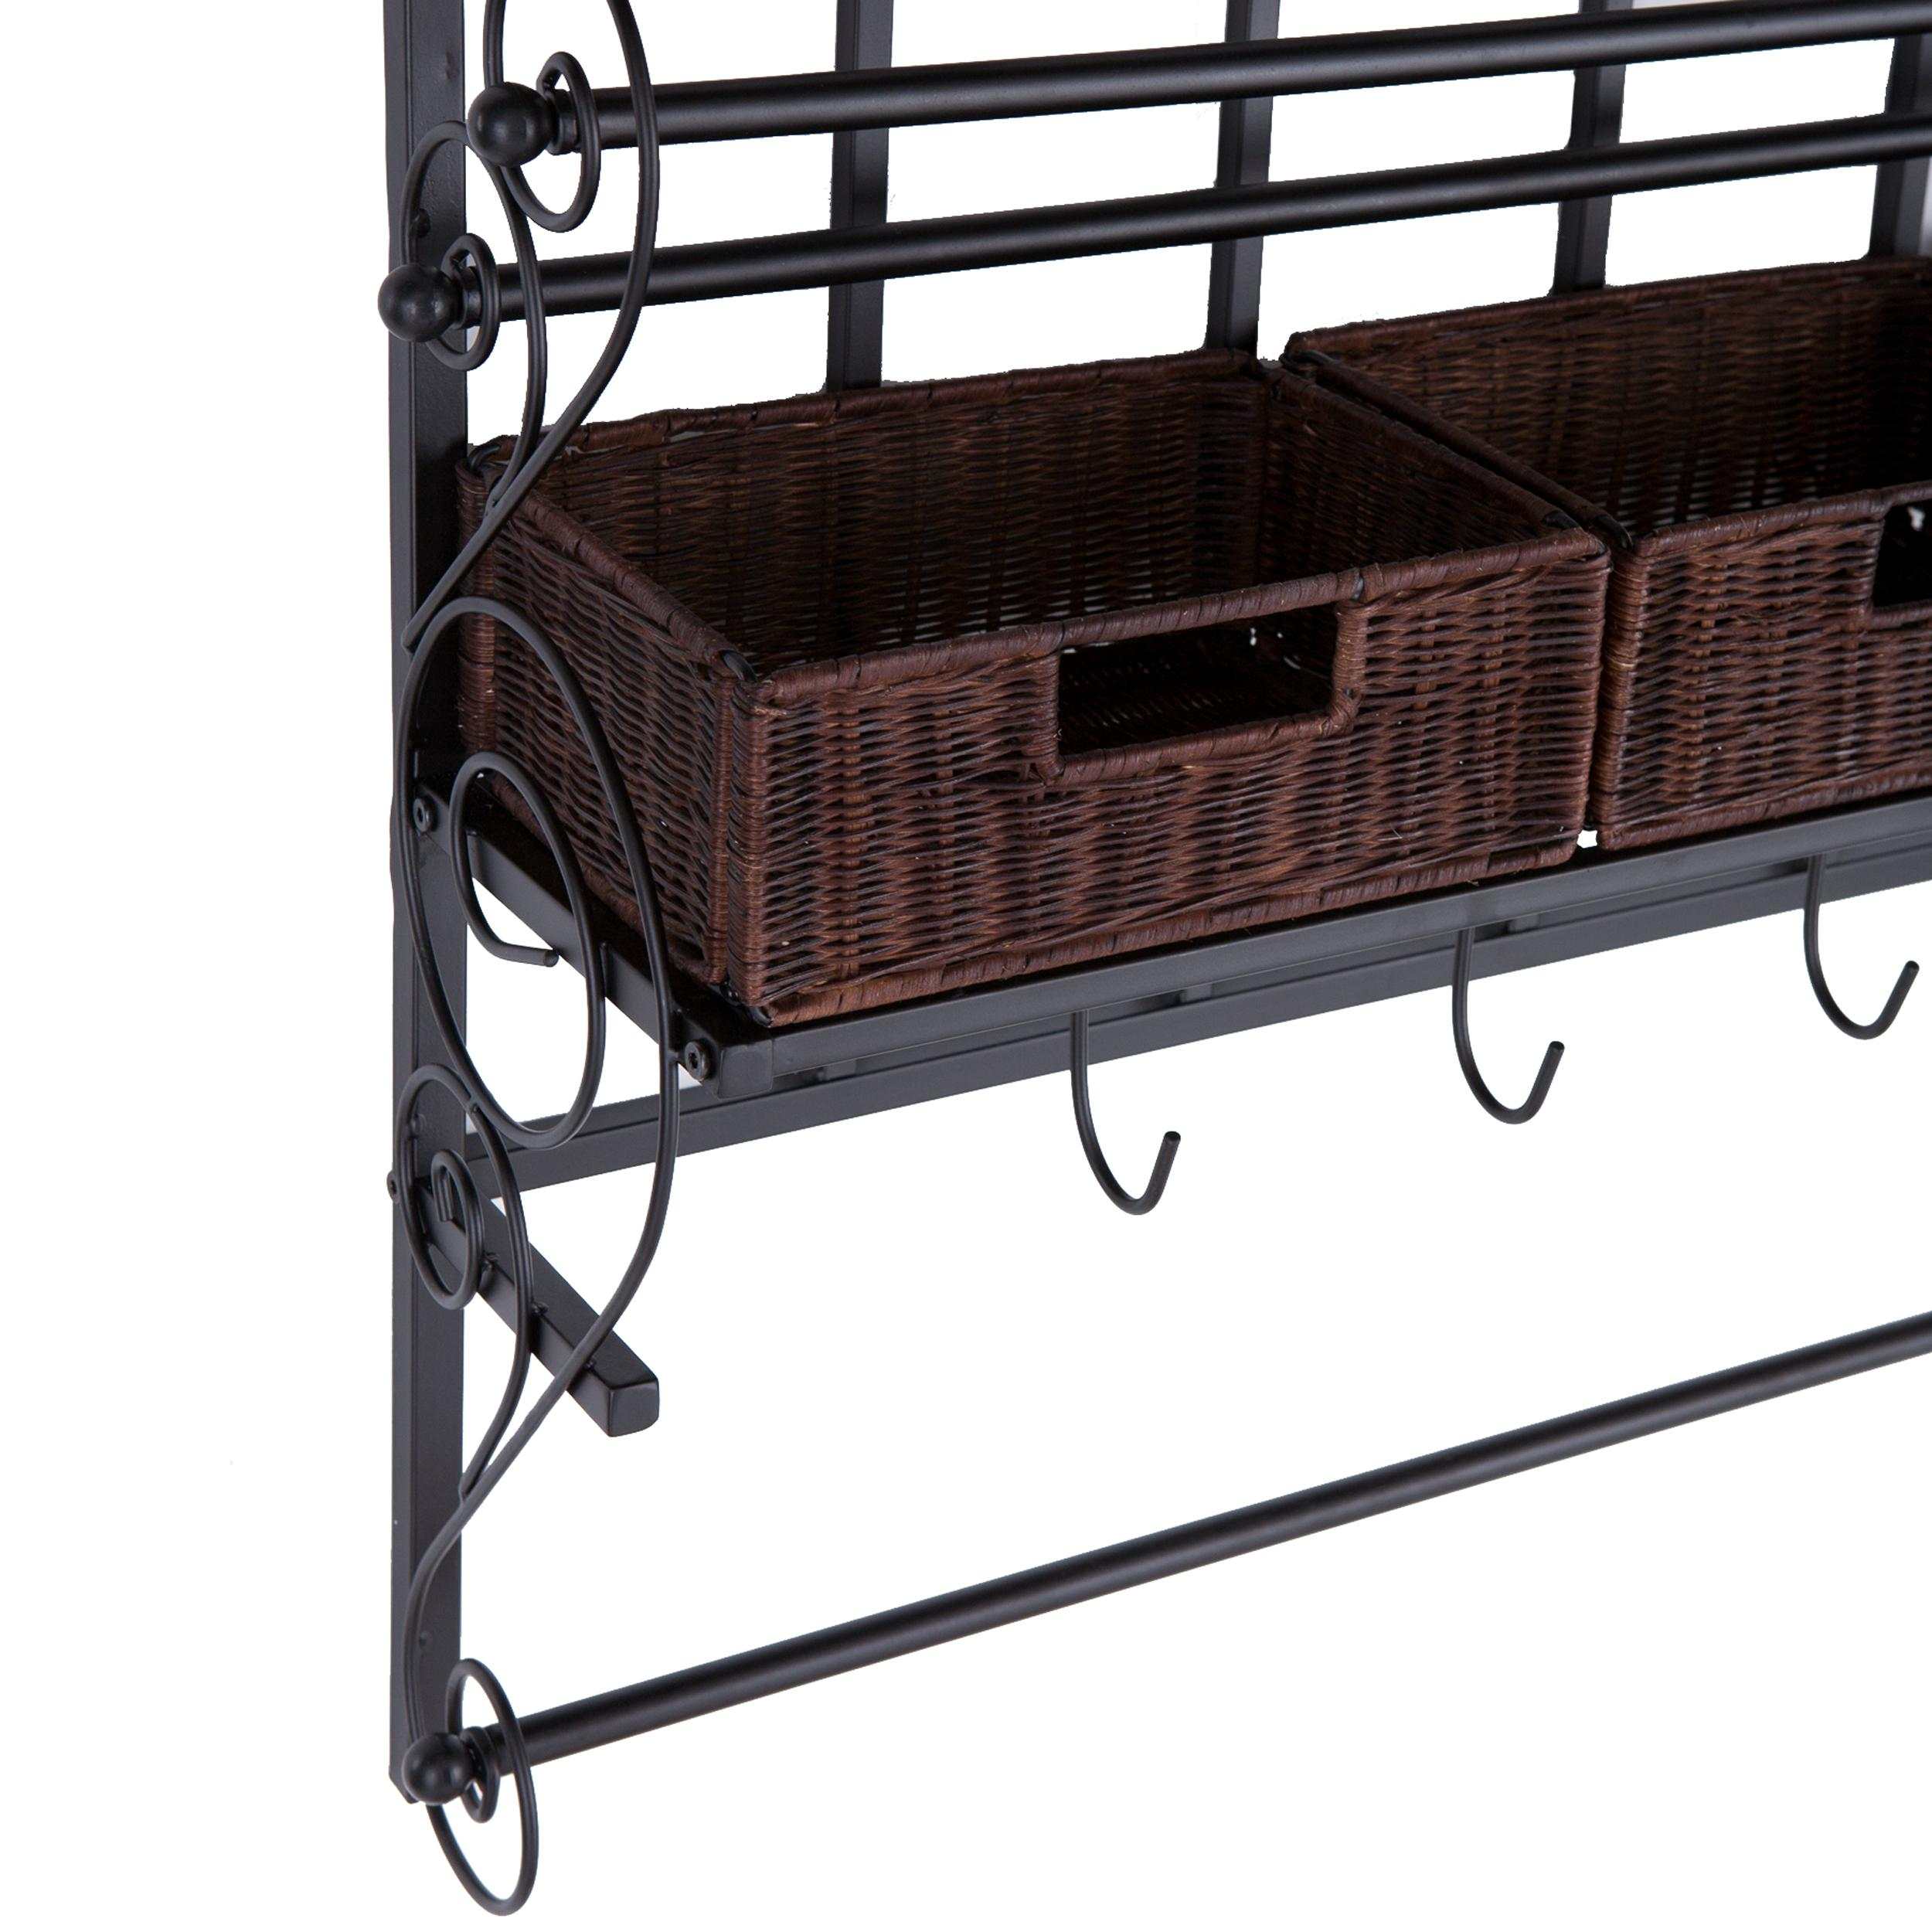 southern enterprises hz6245 wall mount craft storage rack with rattan baskets black. Black Bedroom Furniture Sets. Home Design Ideas